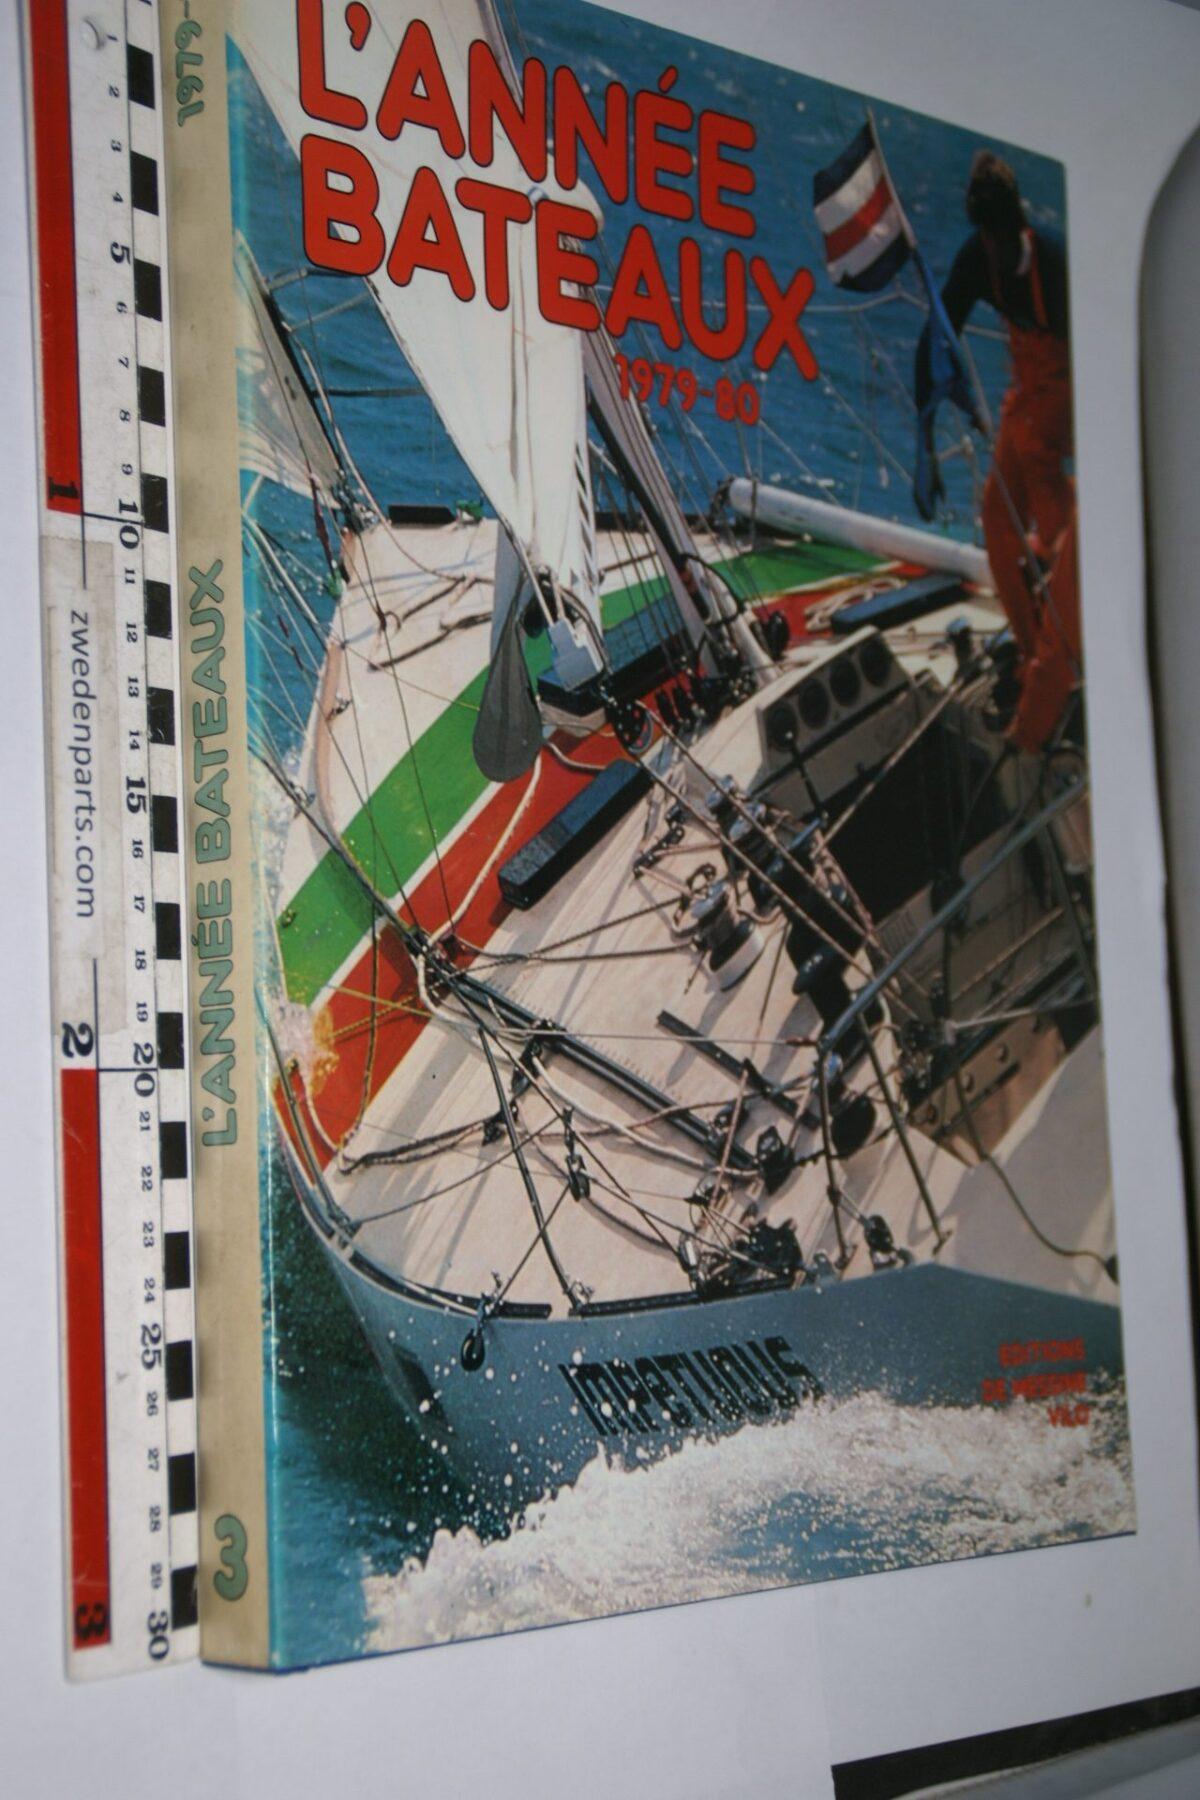 DSC06961 1979-80 boek l'Année Bateaux ISBN 2864090115